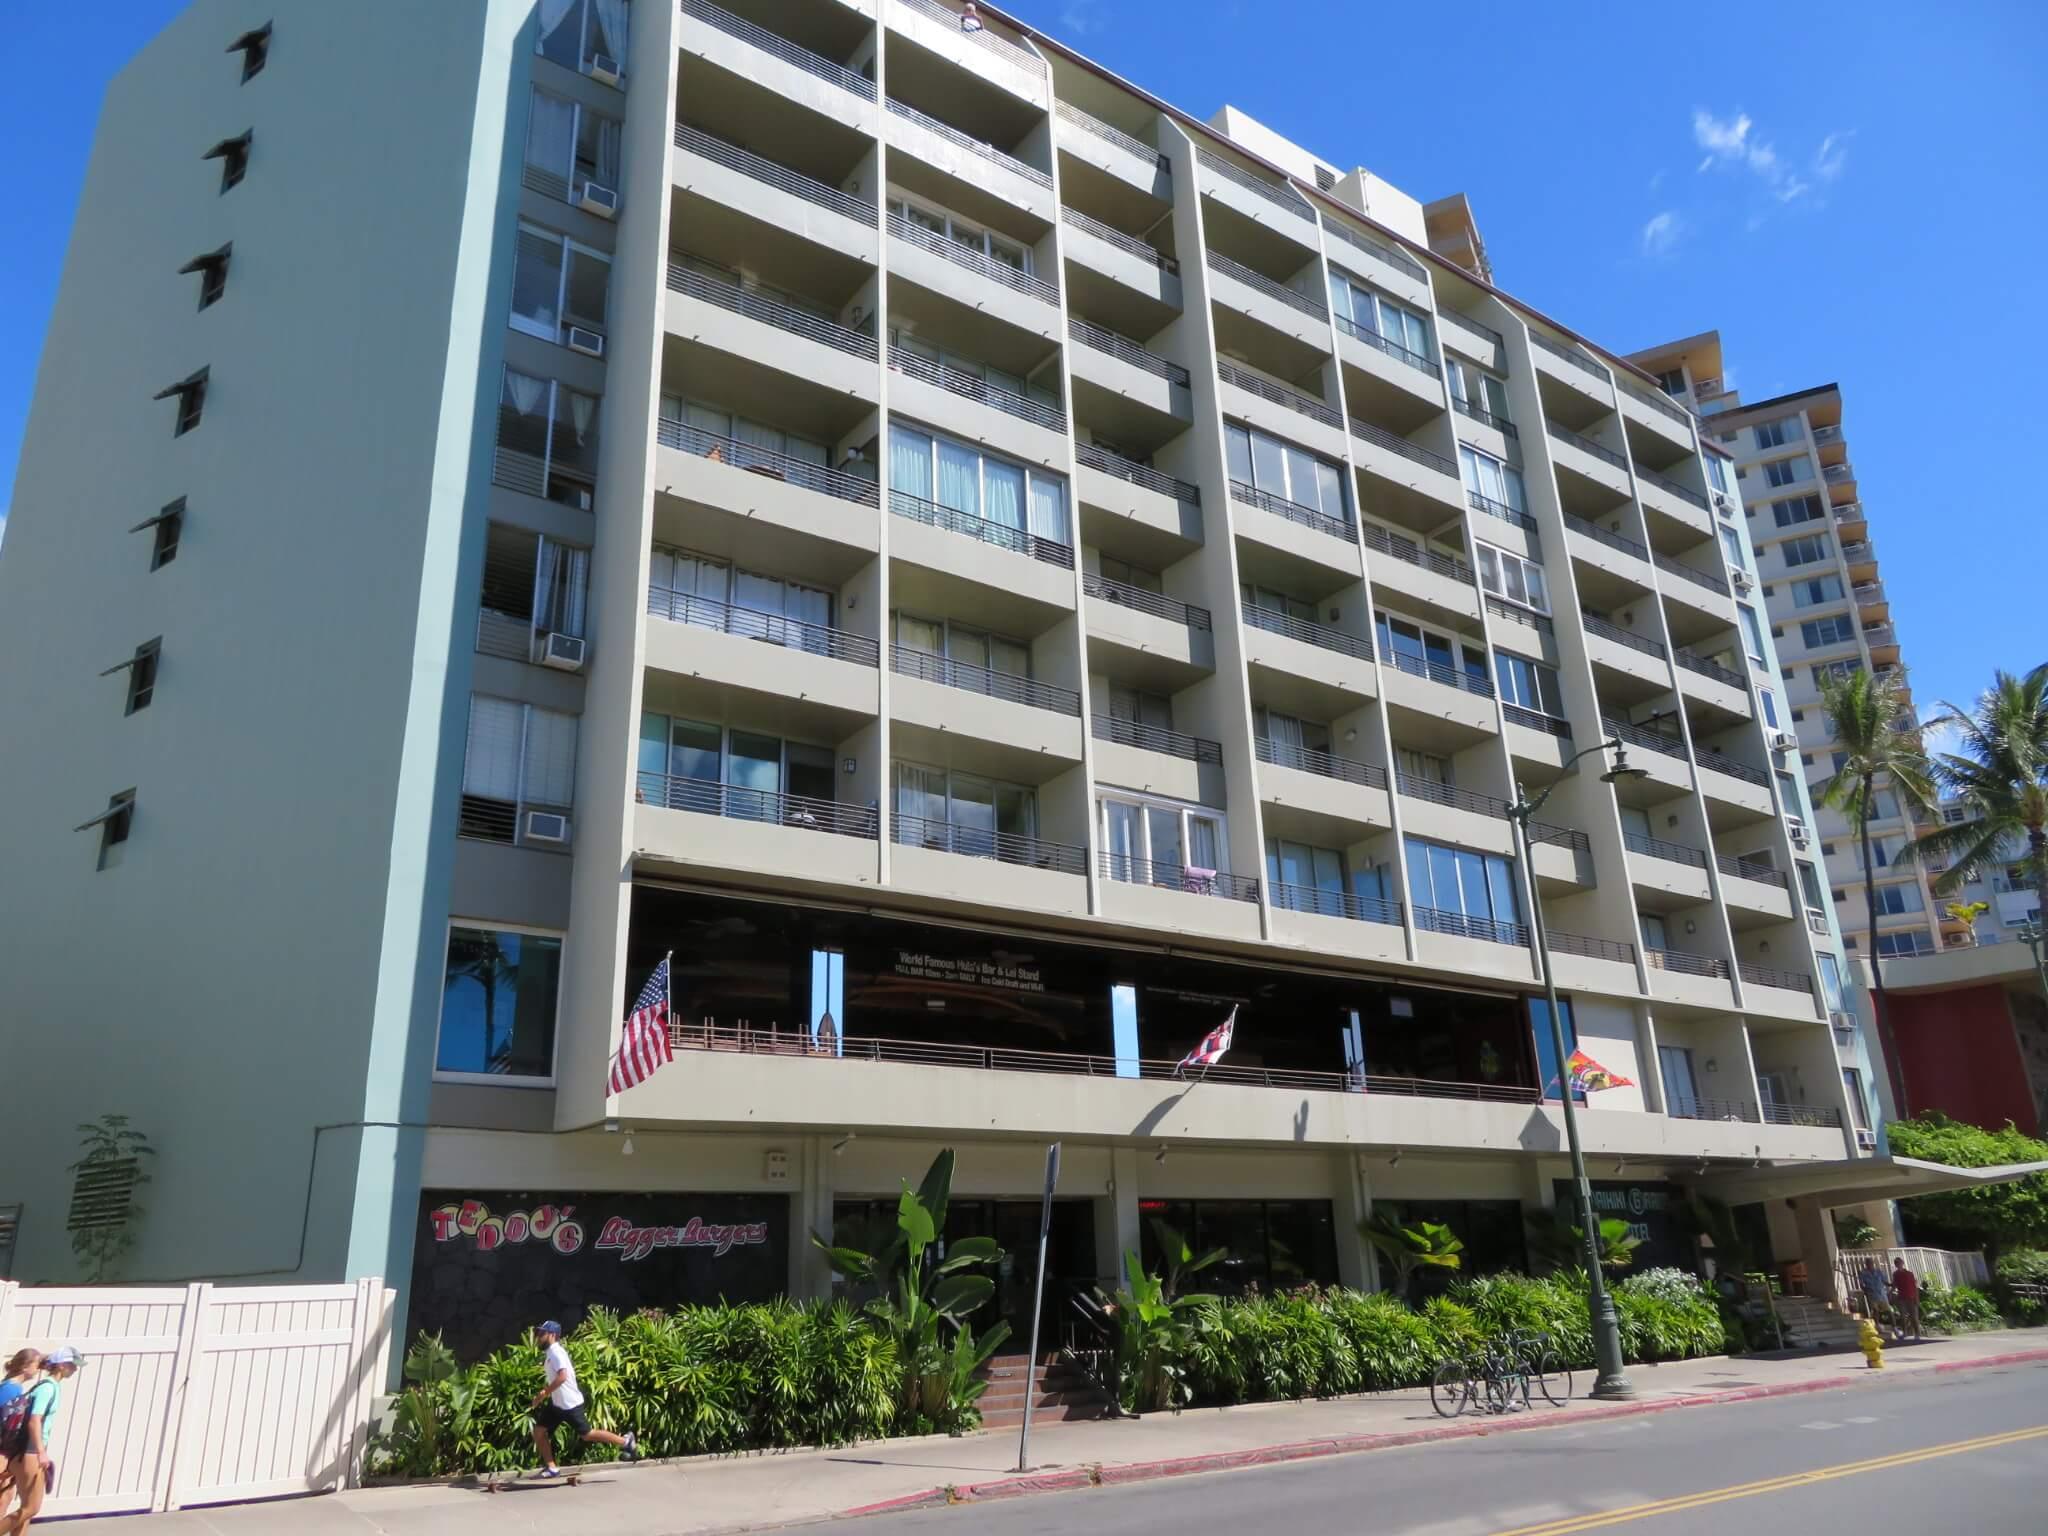 ワイキキ・グランドホテル / Waikiki Grand Hotel